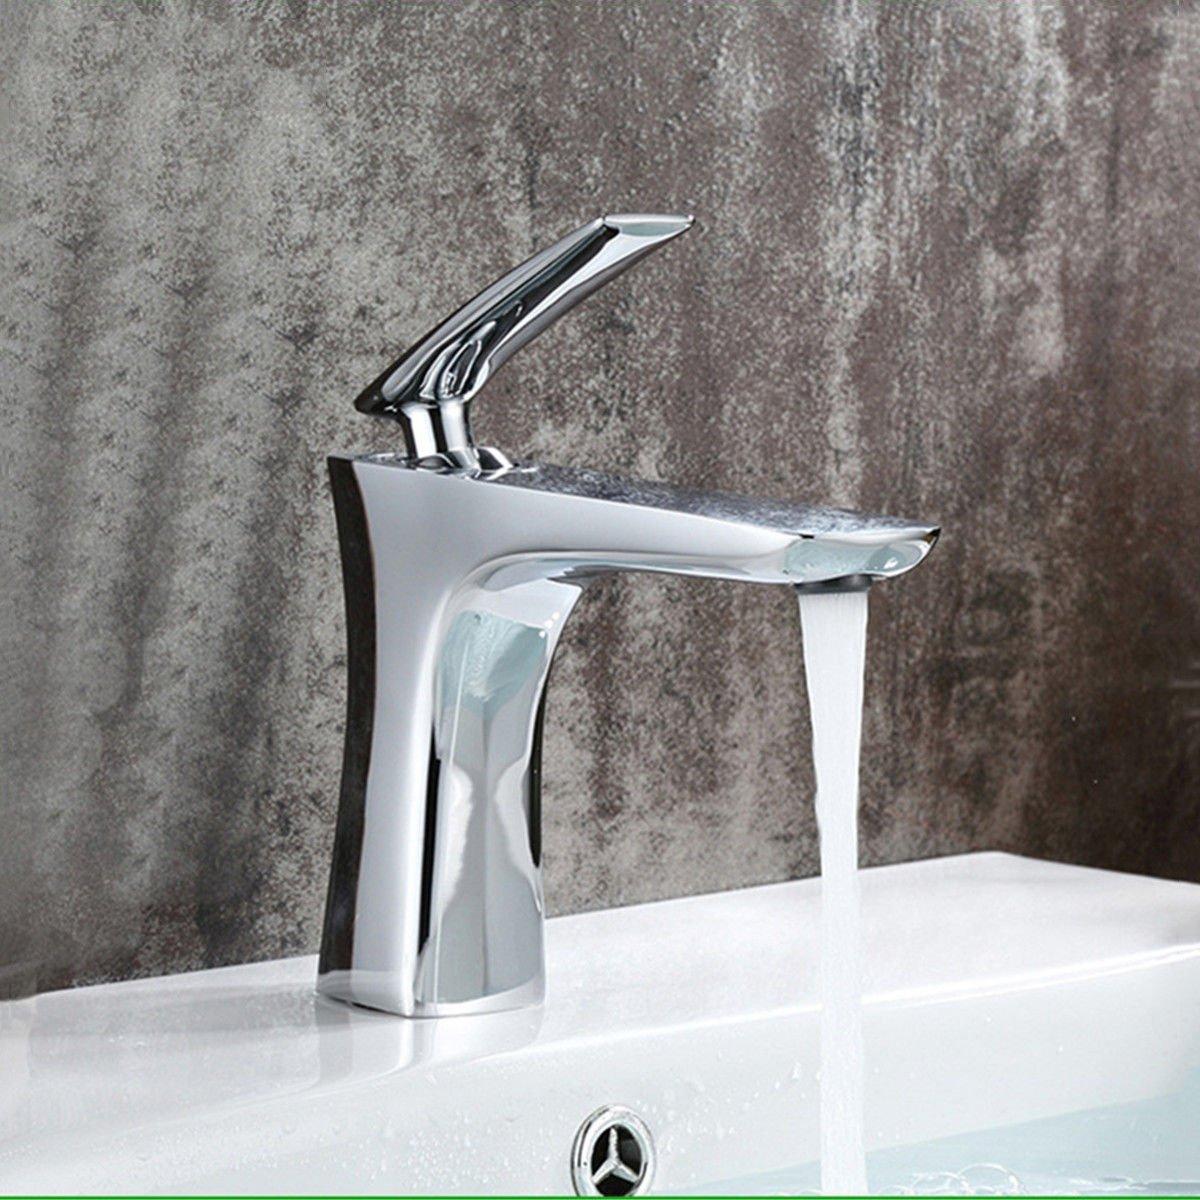 Hlluya Wasserhahn für Waschbecken Küche Die Messing Chrom Art Wasserhähne   Waschbecken Waschtisch Armatur   Badezimmer Waschbecken Kaltes Wasser   Waschbecken, Waschbecken Waschtisch Armatur